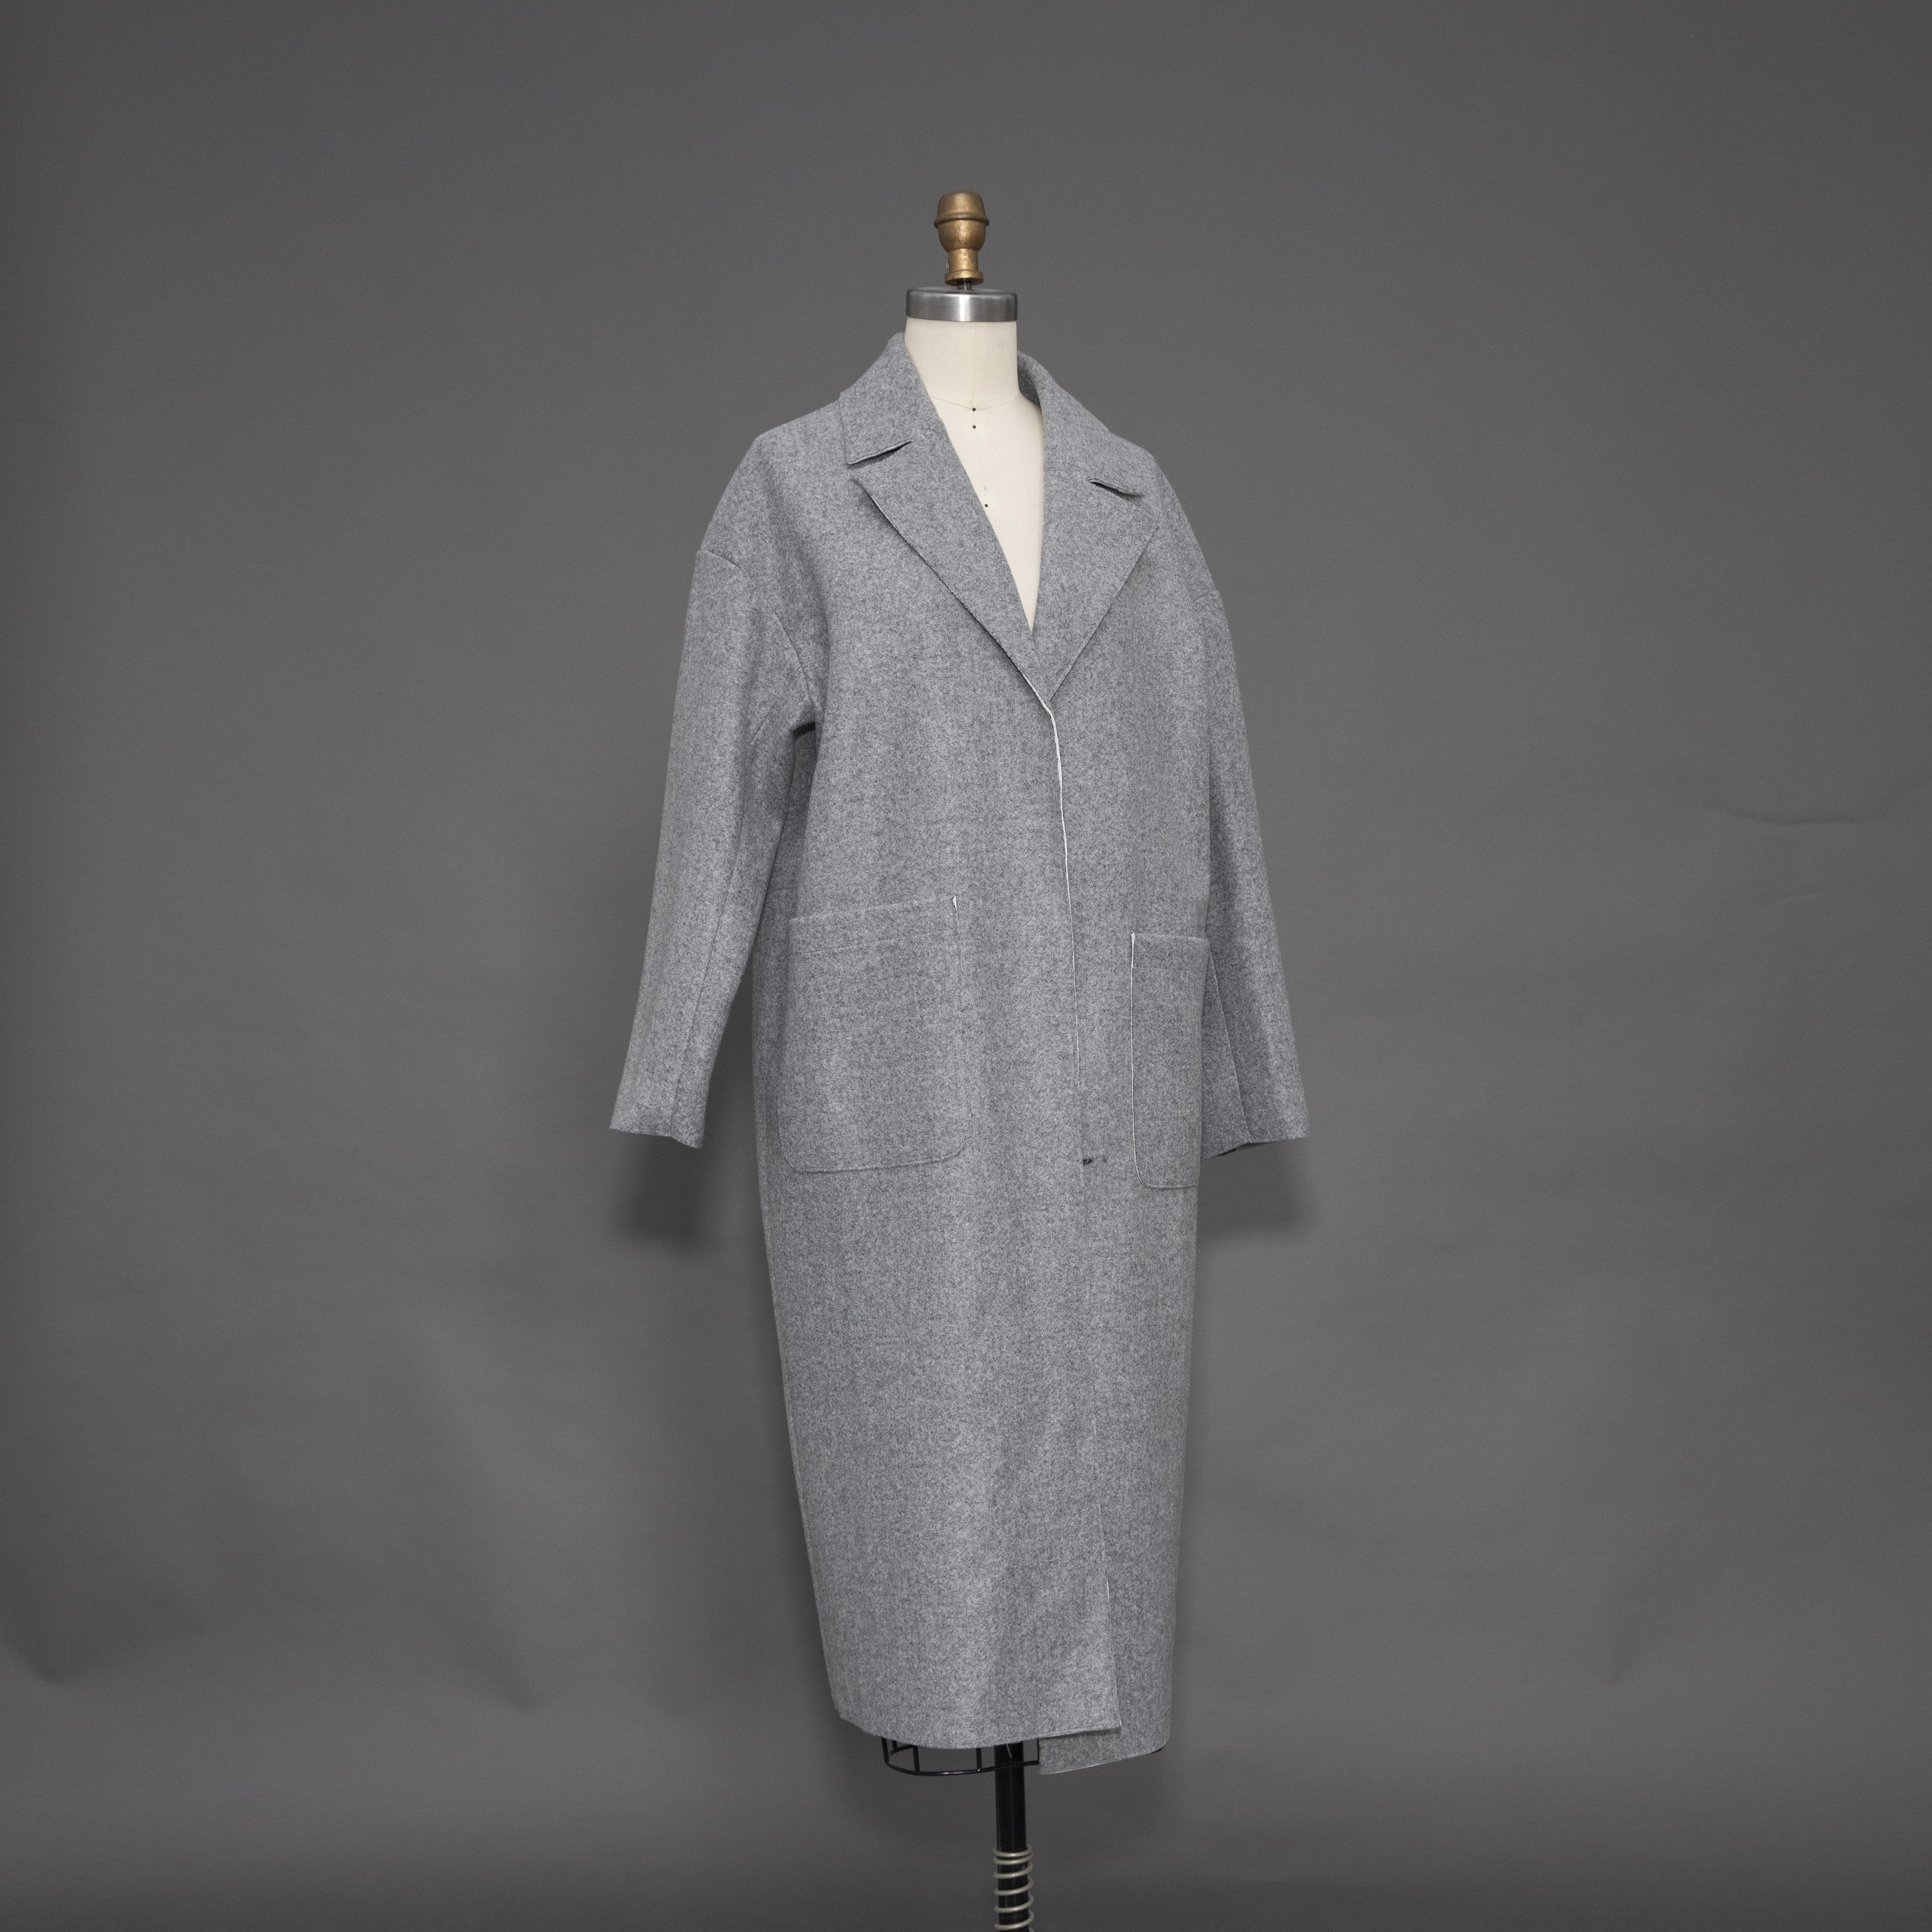 HTF 1 coat